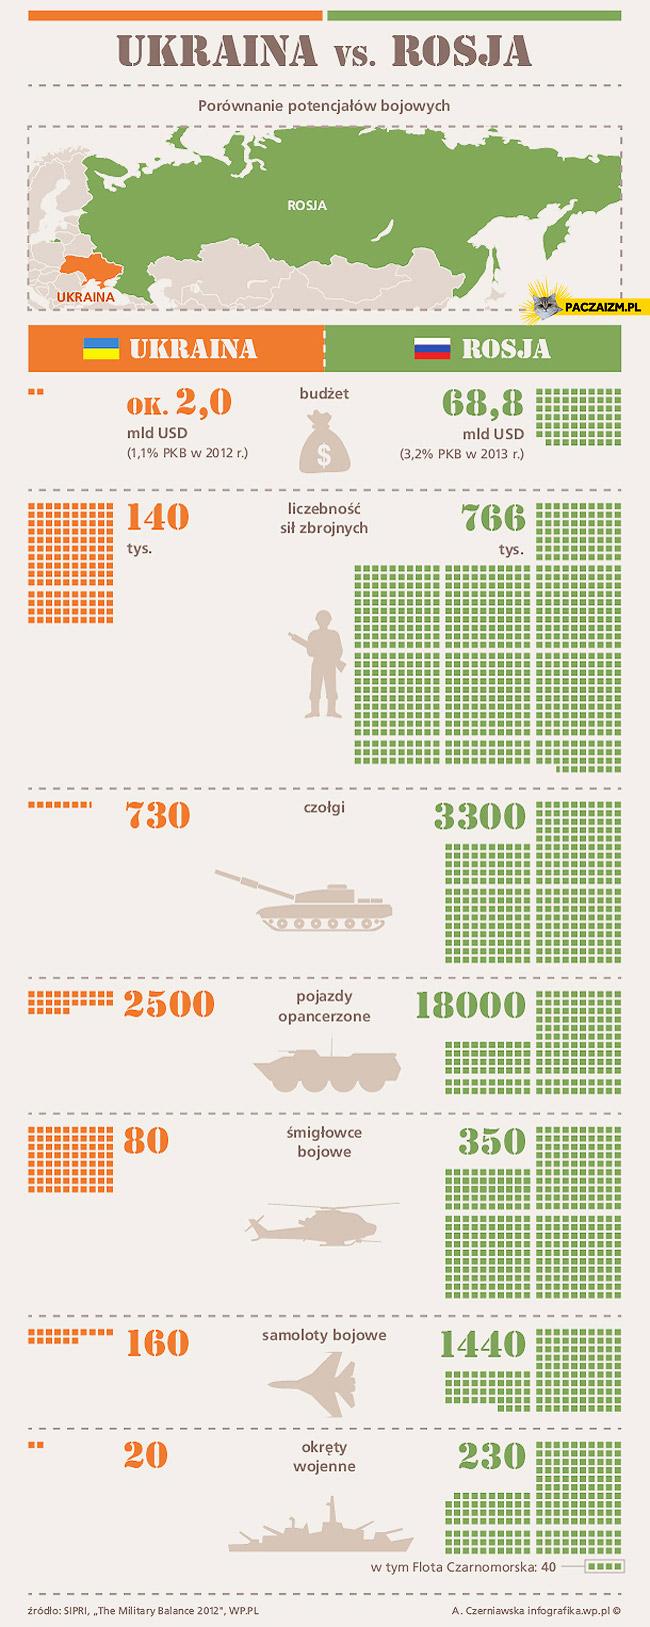 Ukraina Rosja porównanie potencjałów bojowych